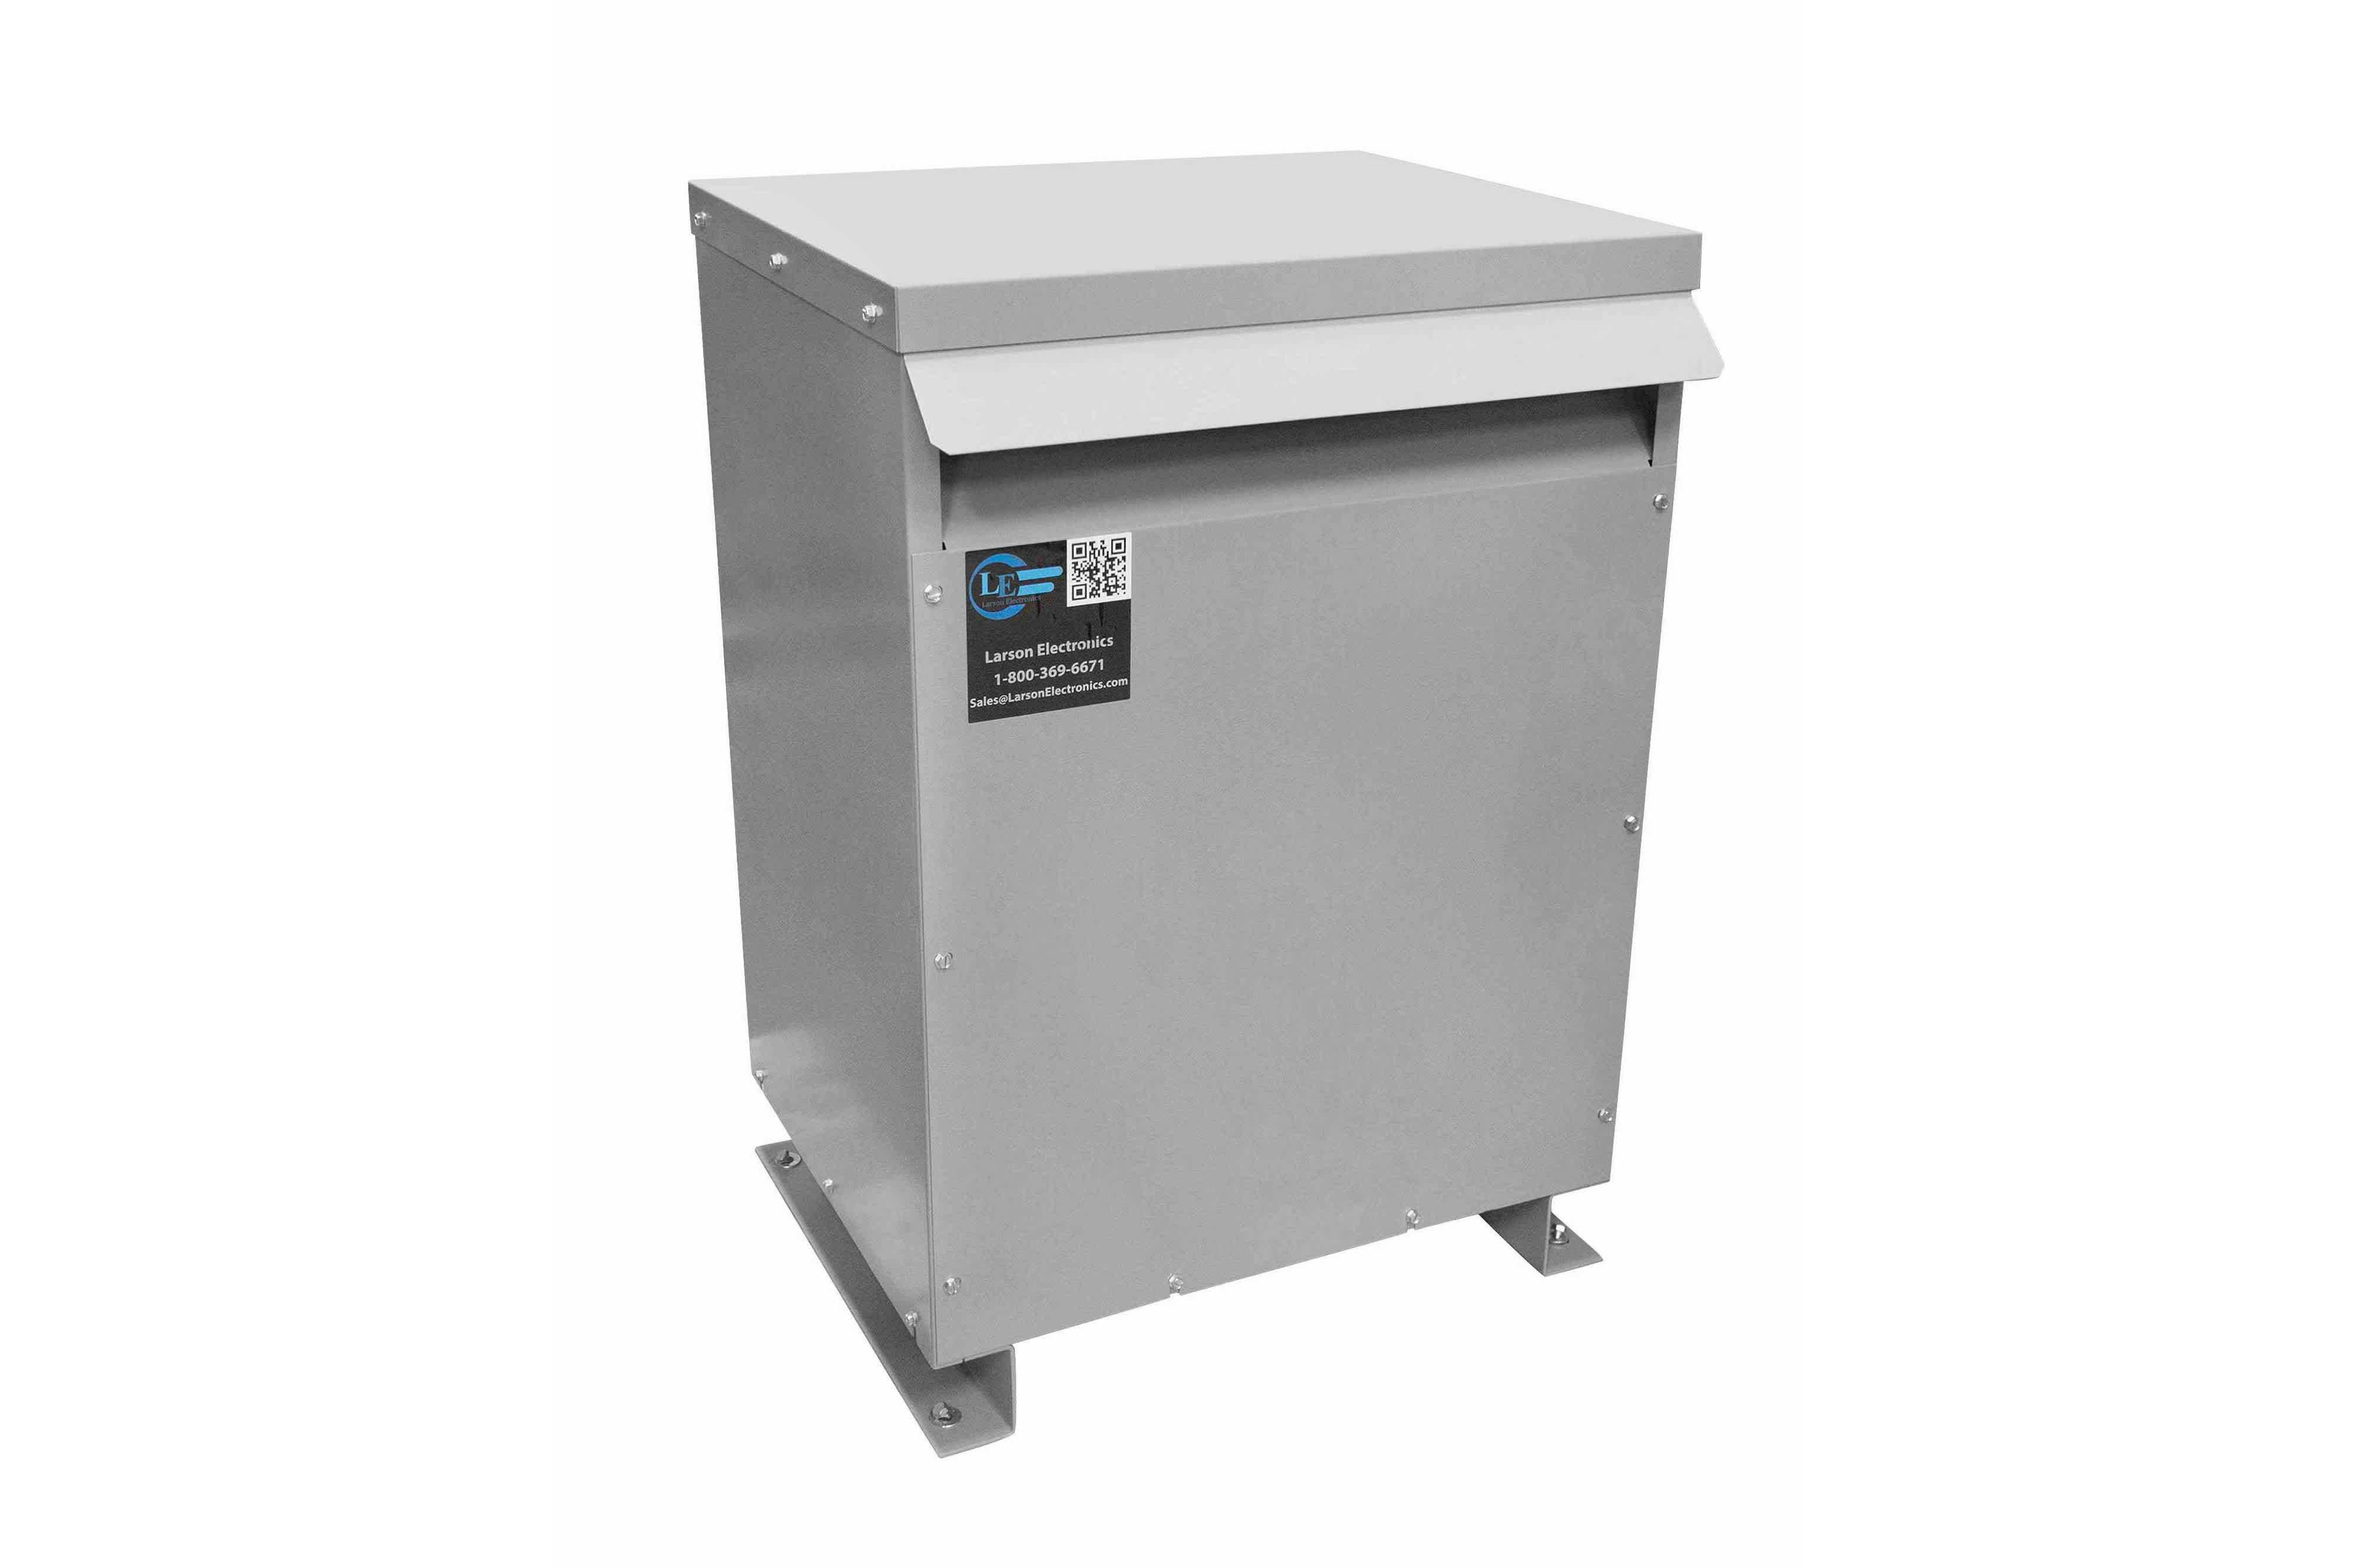 15 kVA 3PH Isolation Transformer, 460V Delta Primary, 600V Delta Secondary, N3R, Ventilated, 60 Hz